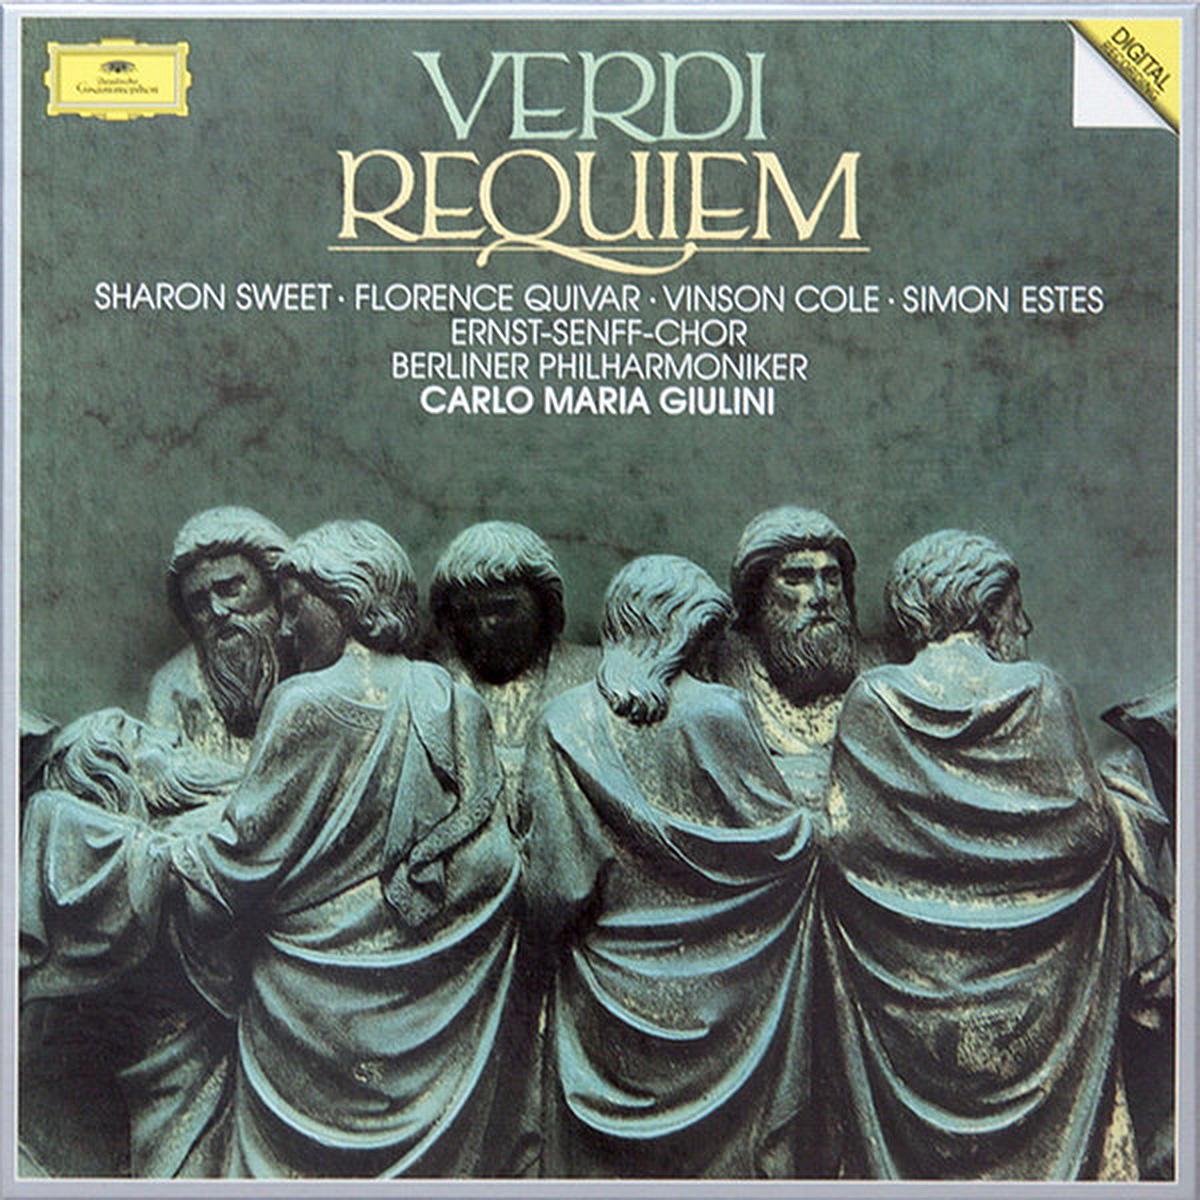 DGG 423 674 Verdi Requiem Giulini DGG Digital Aufnahme